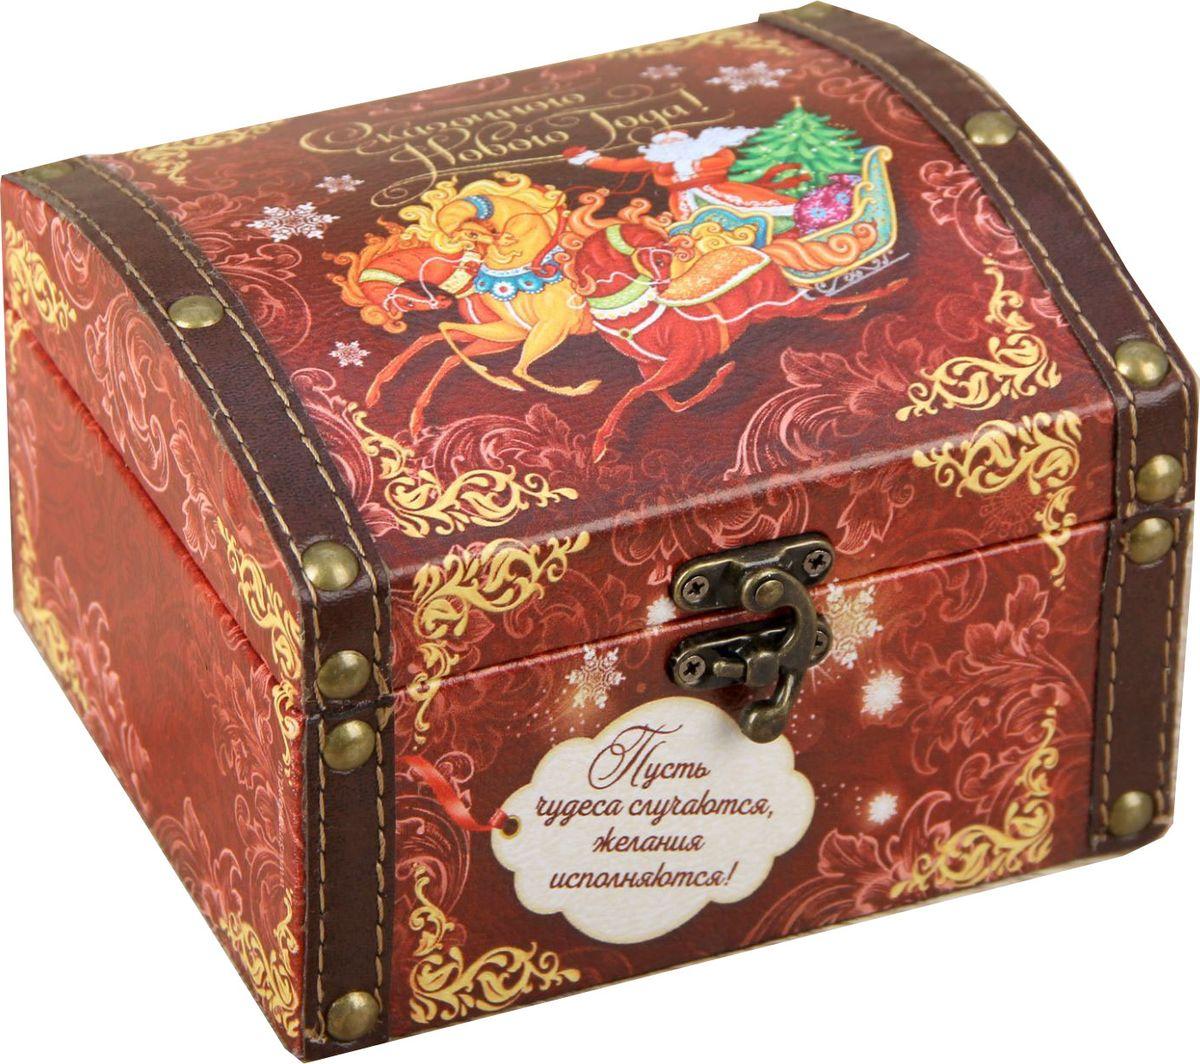 Шкатулка Sima-land Сказочного Нового года, цвет: коричневый, 15 х 10 х 13 см1965029Шкатулка — это небольшой сувенир, а также оригинальная упаковка подарка. Она дополнит интерьер спальни, гостиной или прихожей. Шкатулка выполнена из дерева в виде сундучка. Изделие предназначено для хранения украшений: колец, браслетов, часов, цепочек, колье, сережек и прочих предметов.